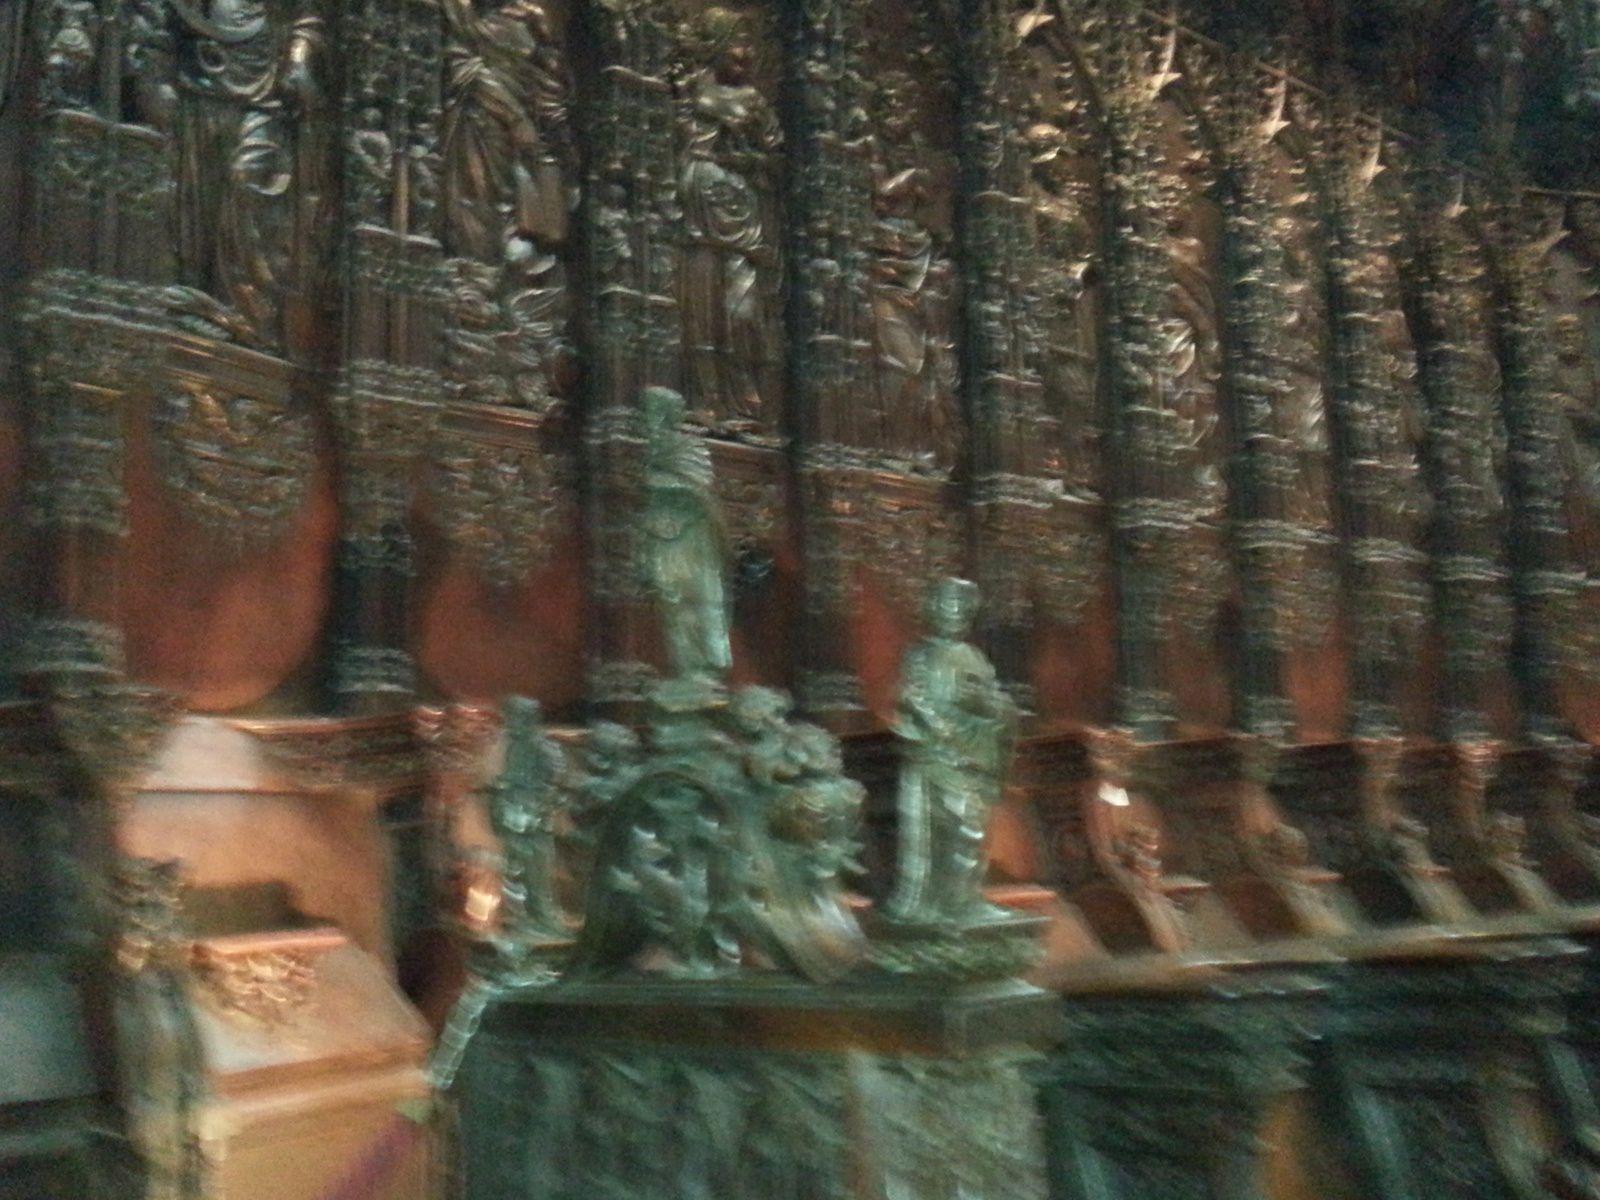 Détail de sculptures séparant des sièges à haut dossier réservés aux ecclésiastiques.